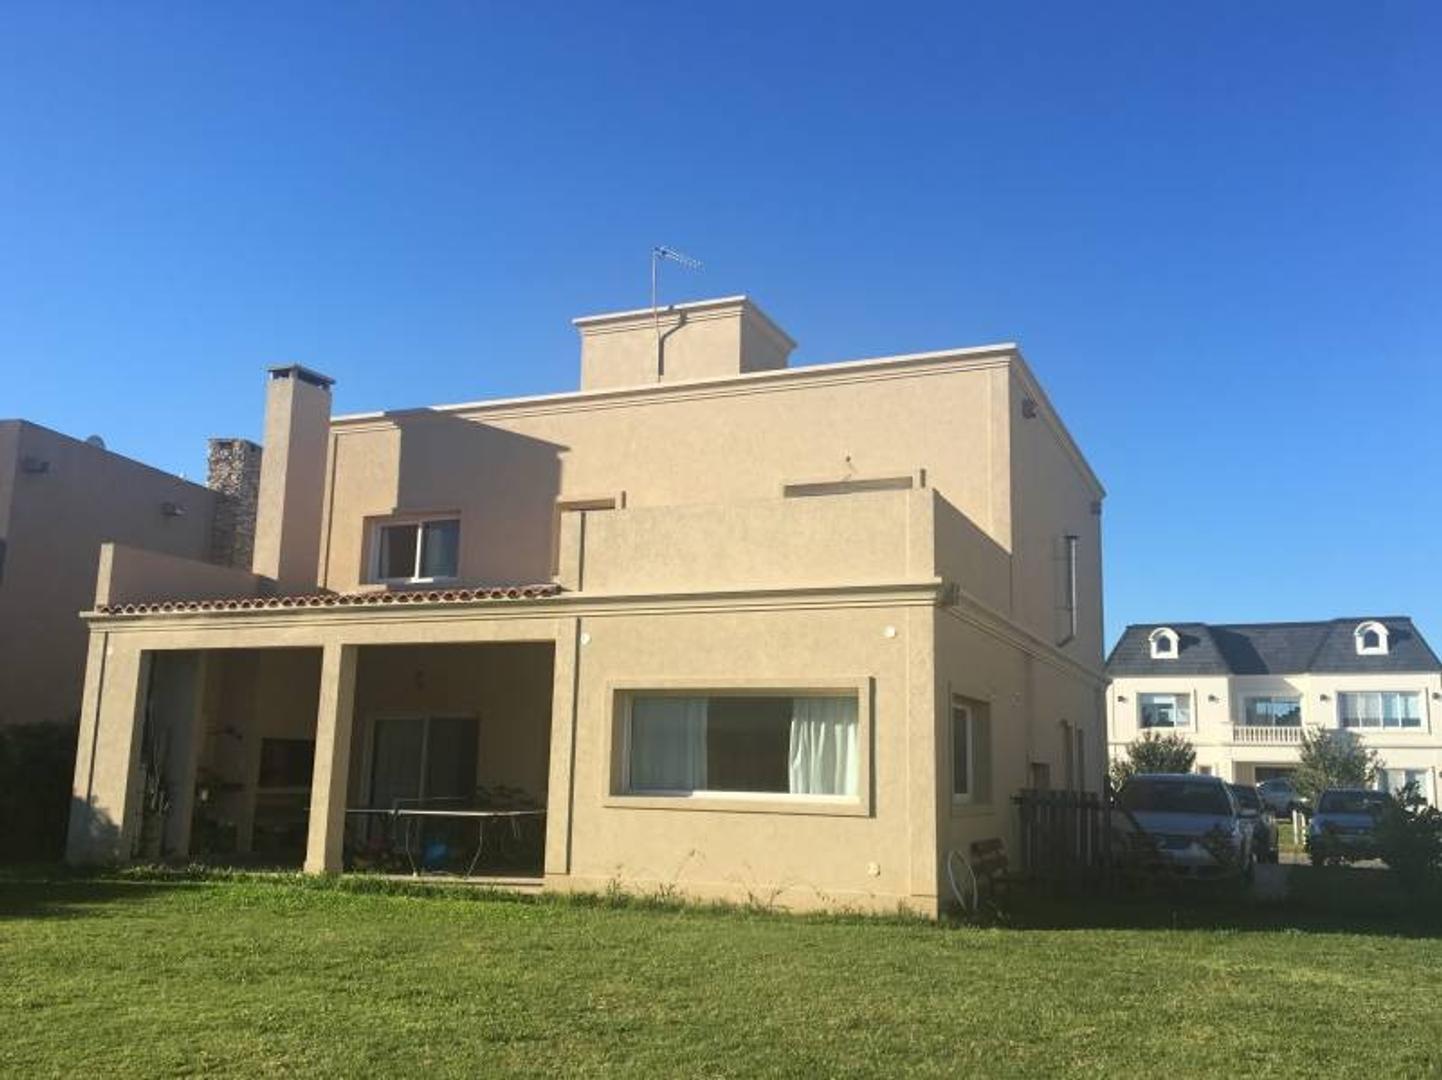 Casa en Venta en Ayres Plaza - 5 ambientes